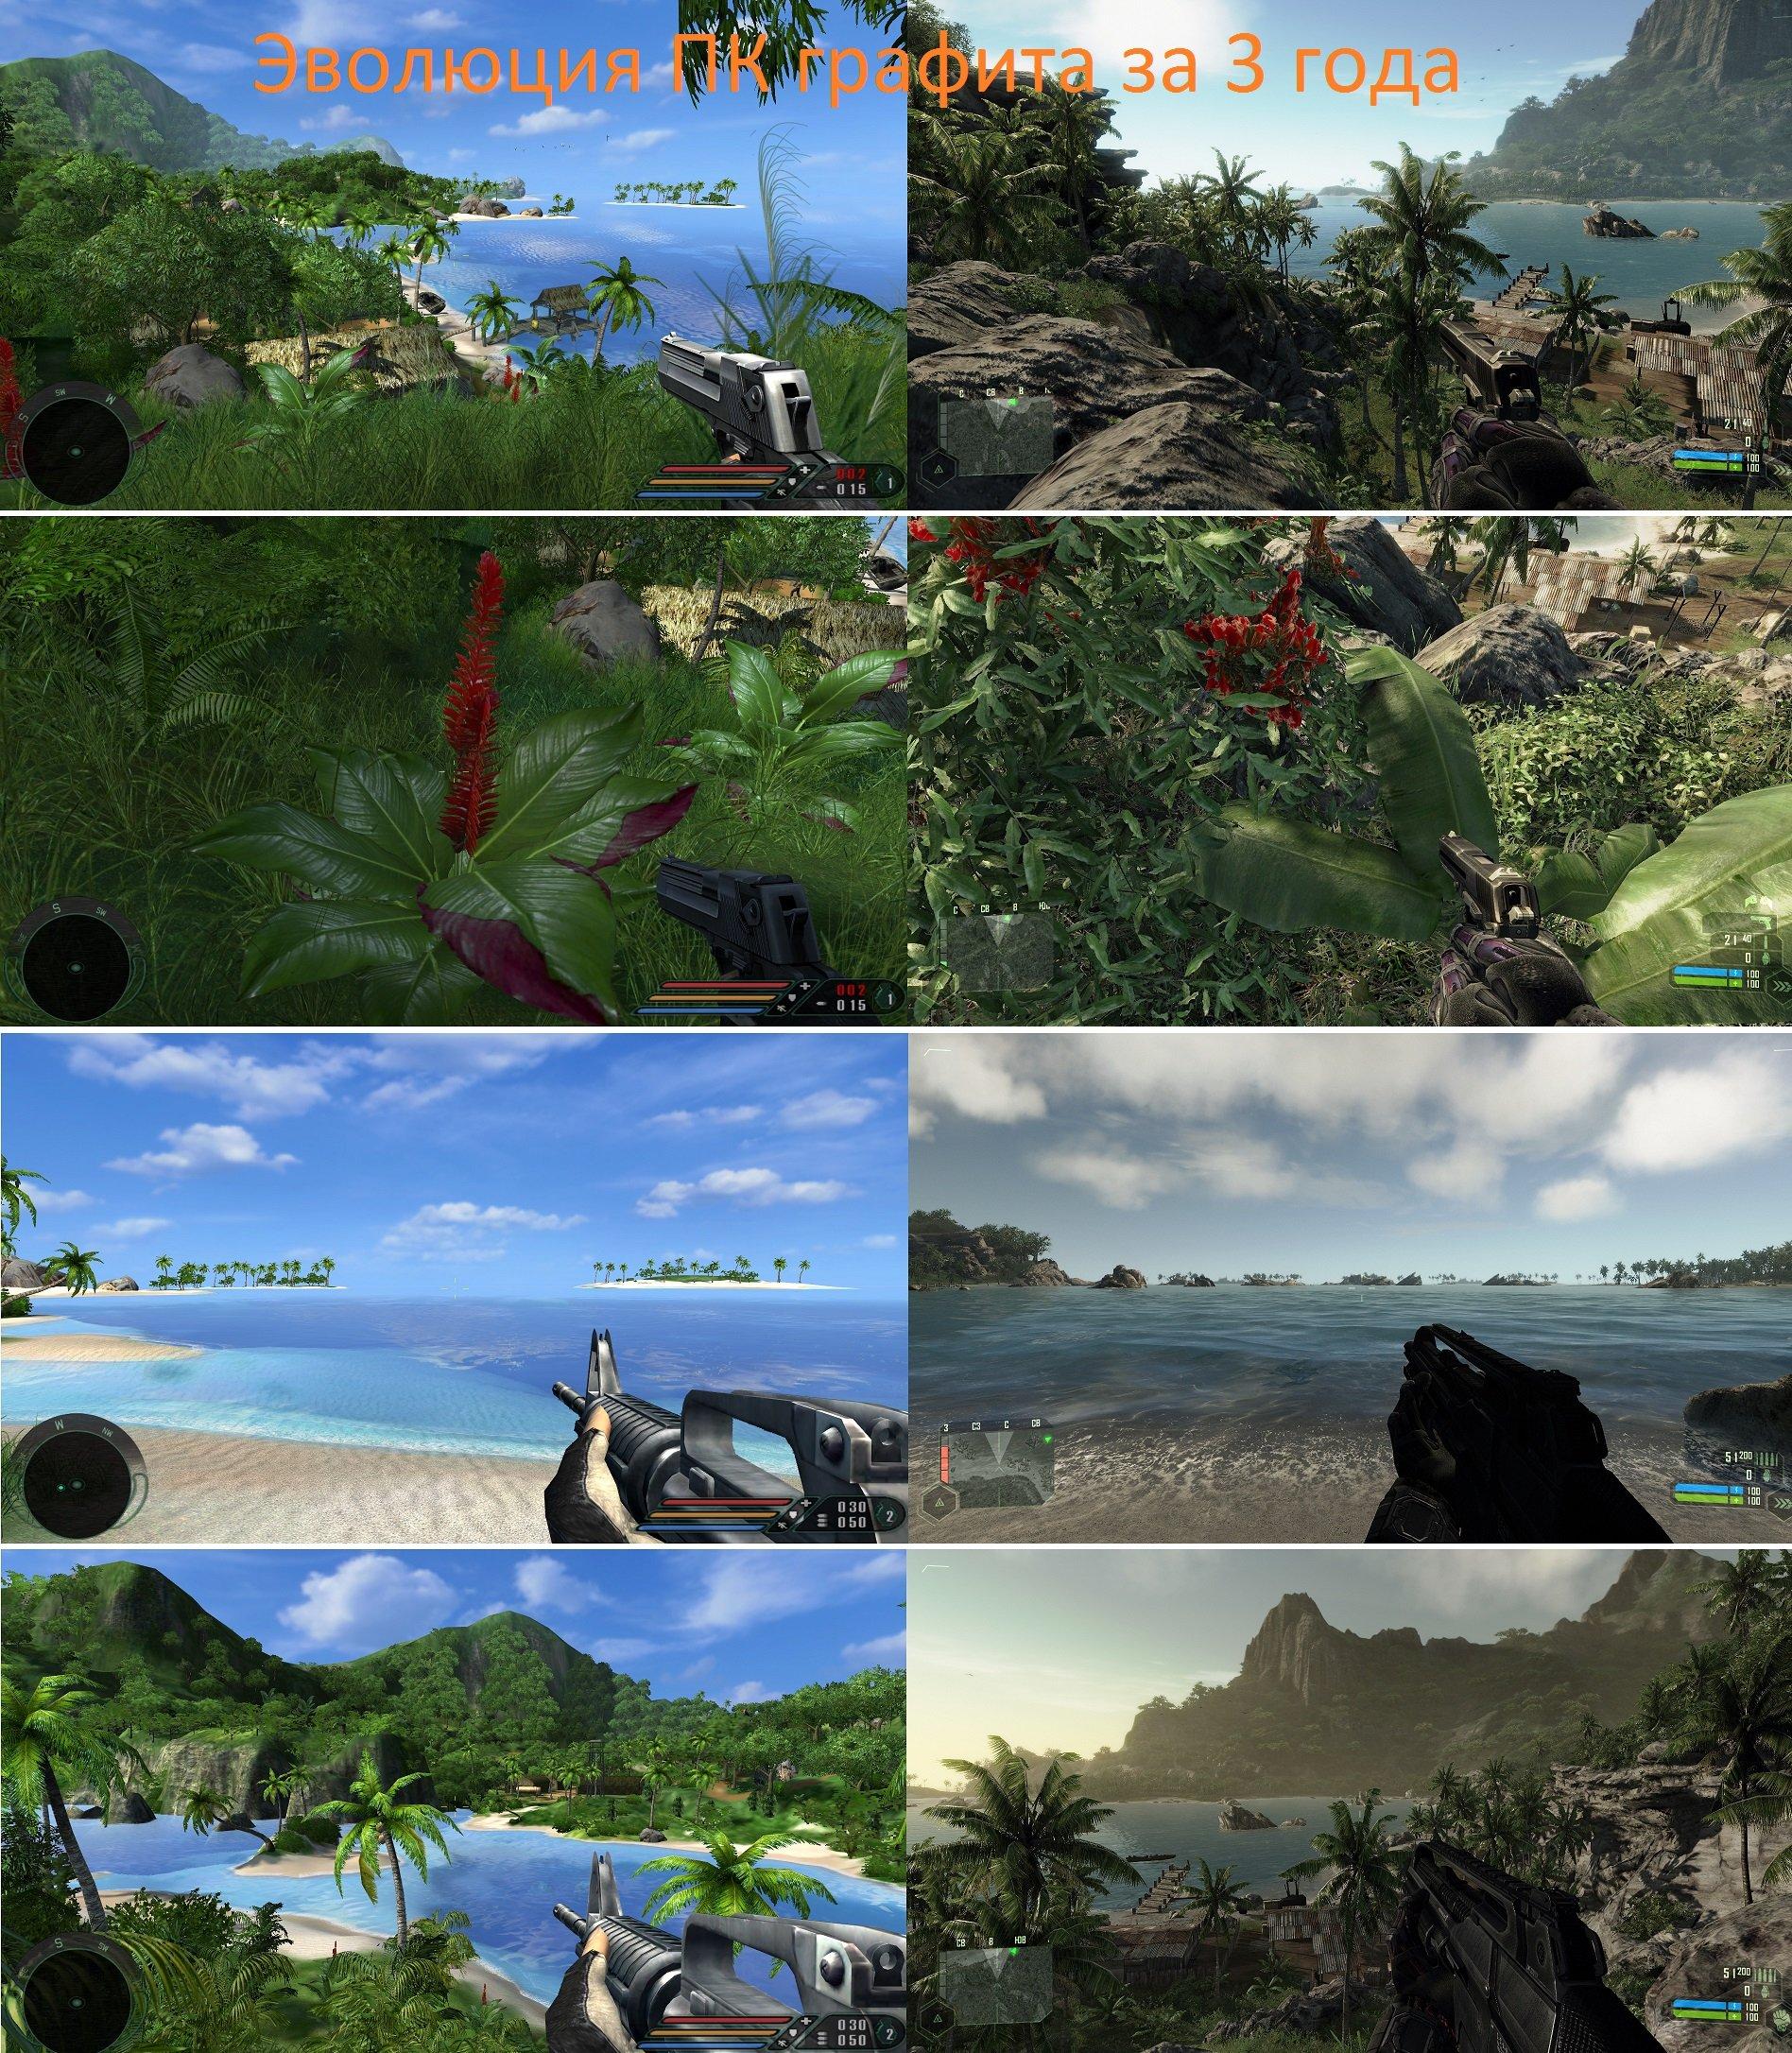 PS3 vs PS4 - Изображение 1